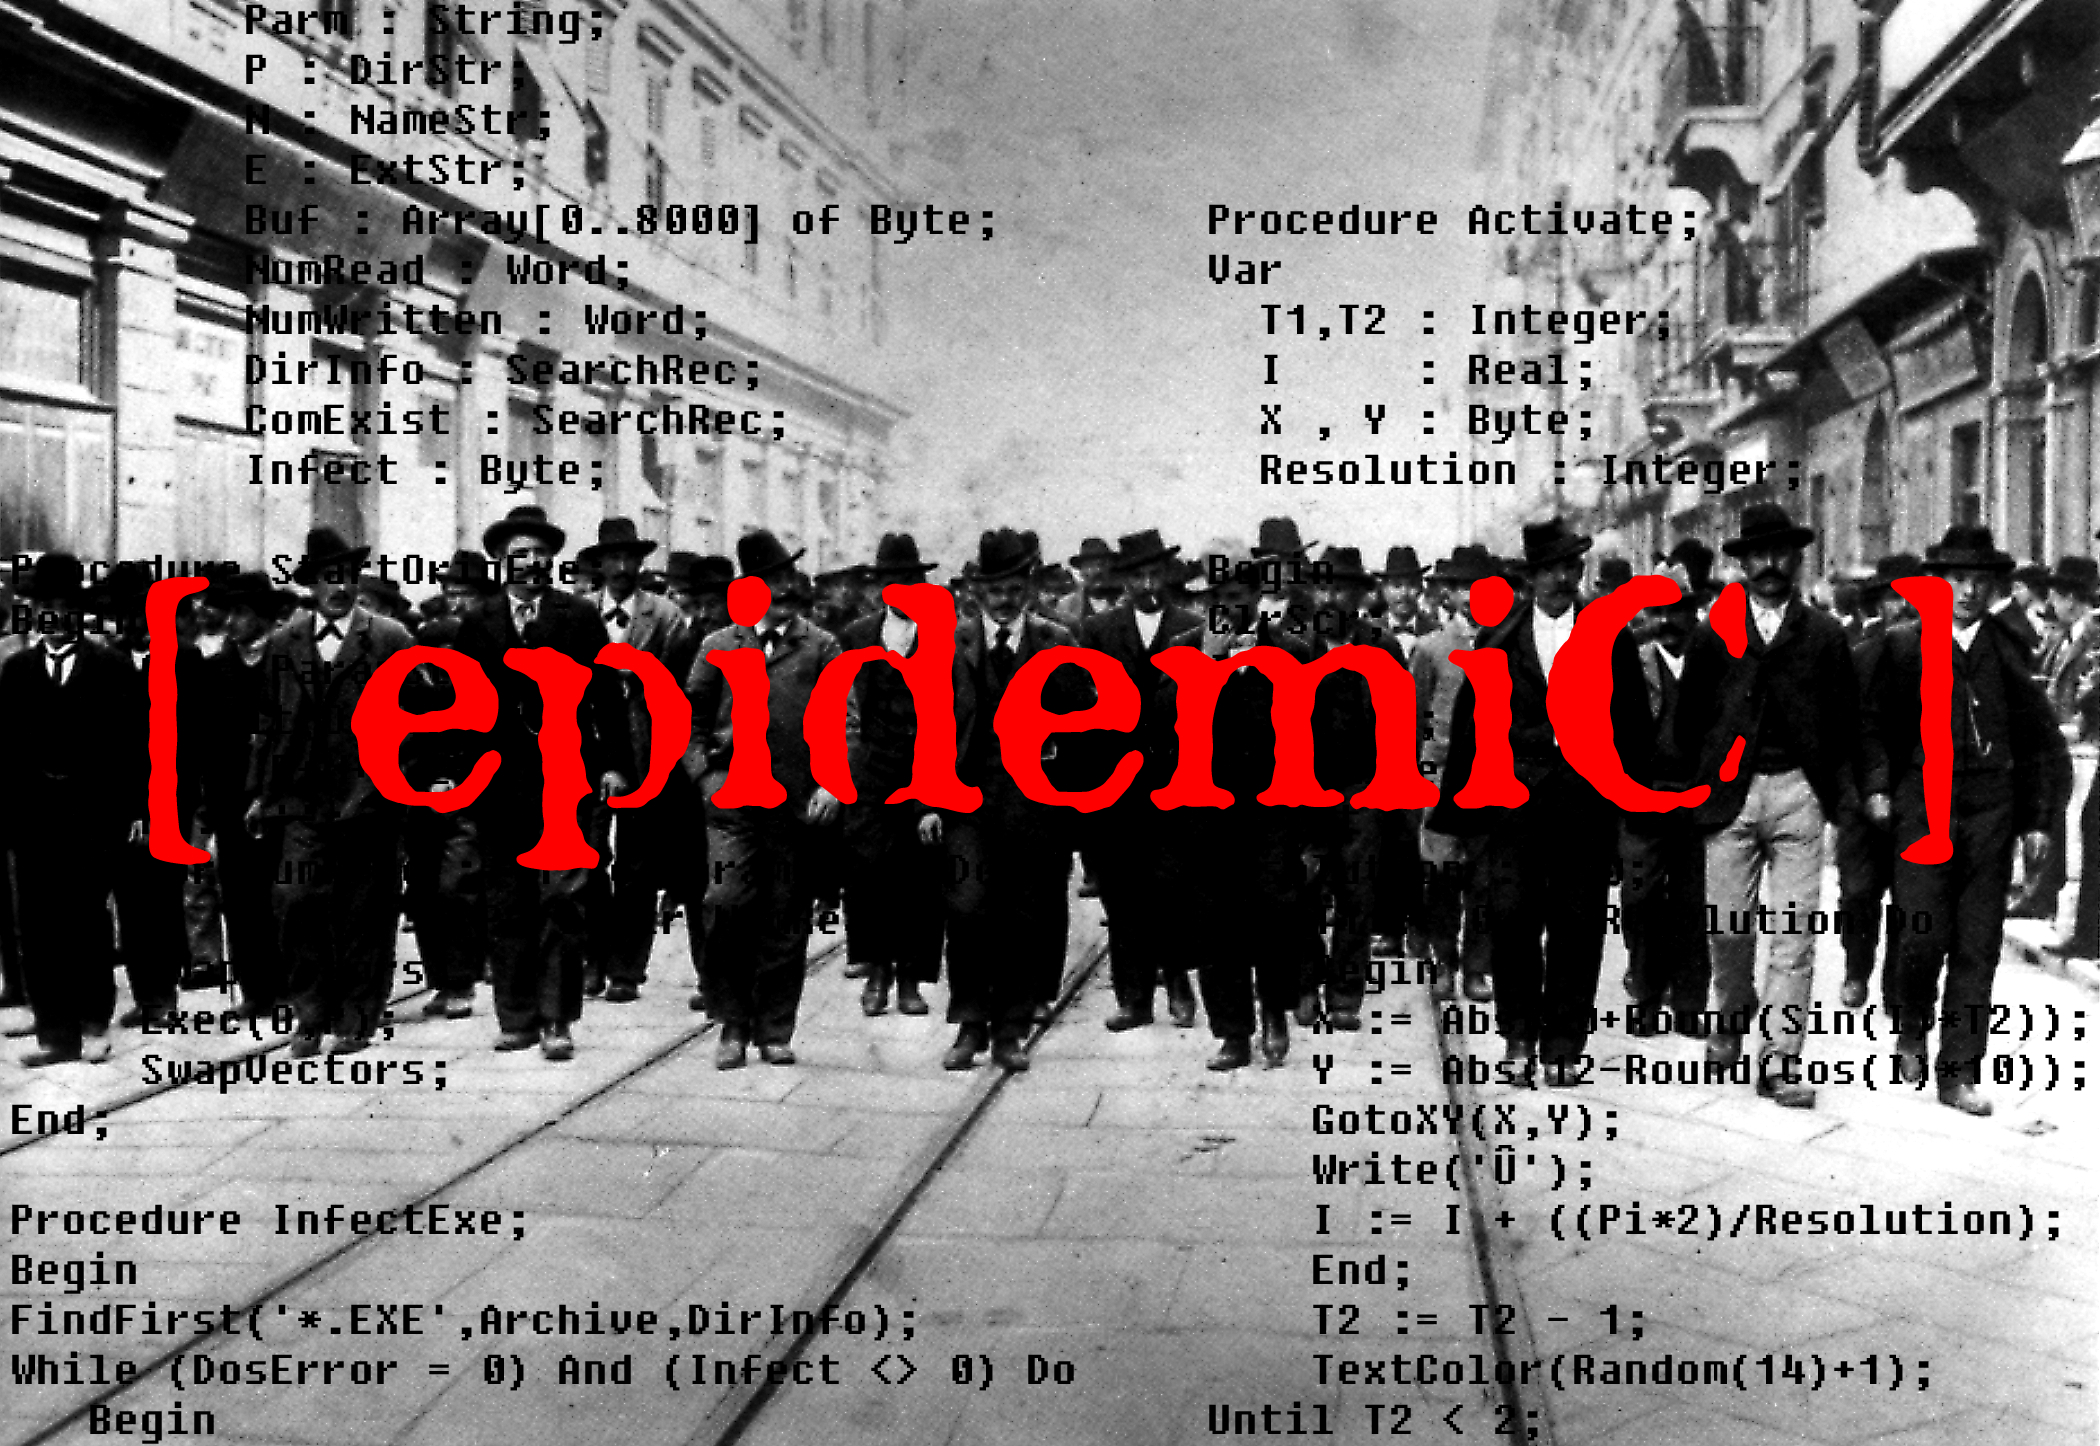 Epidemic web image 1